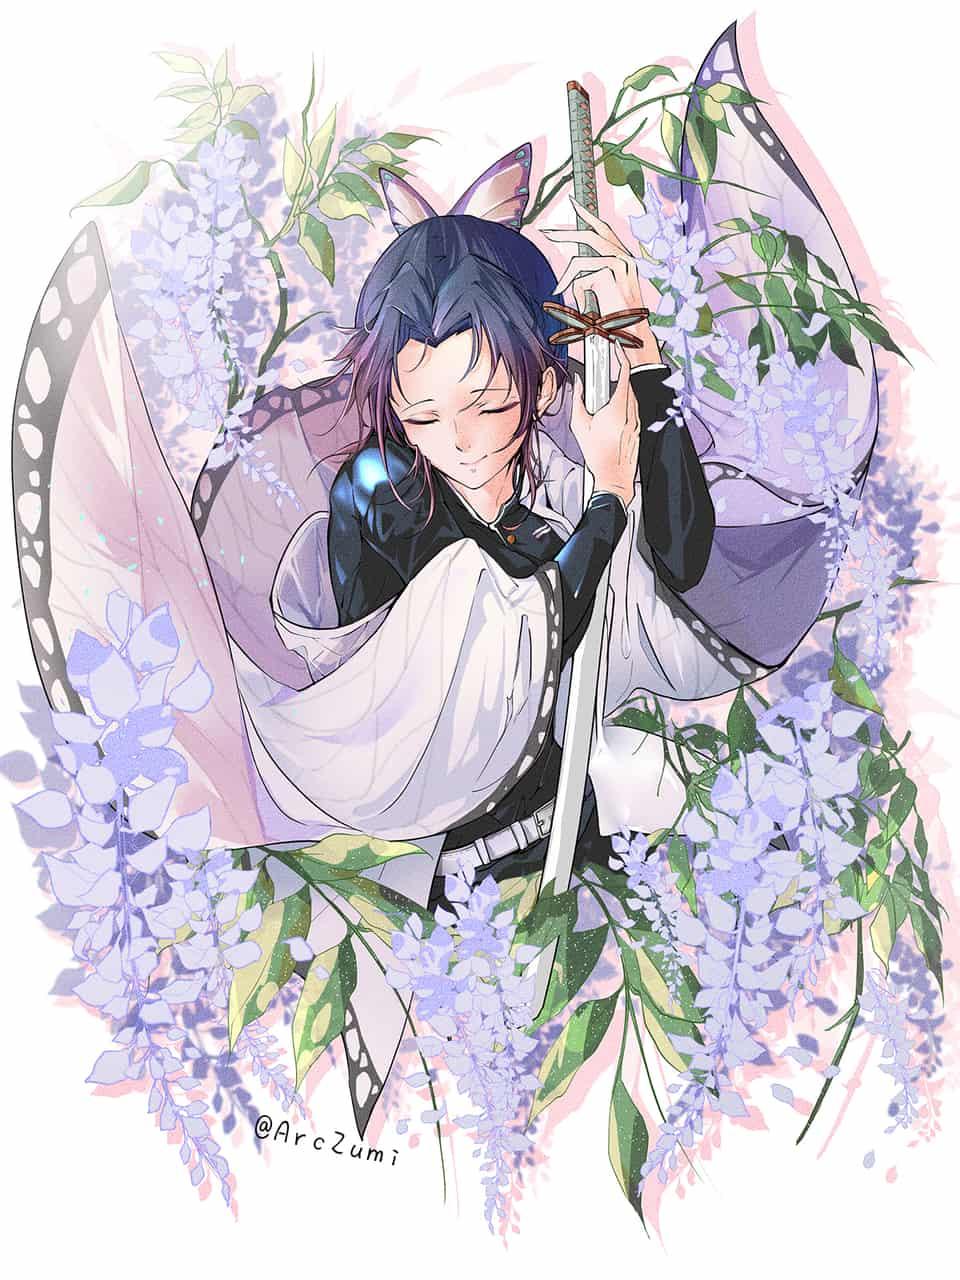 花と蝶 Illust of ArcZumi DemonSlayerFanartContest KimetsunoYaiba girl KochouShinobu original 蟲柱